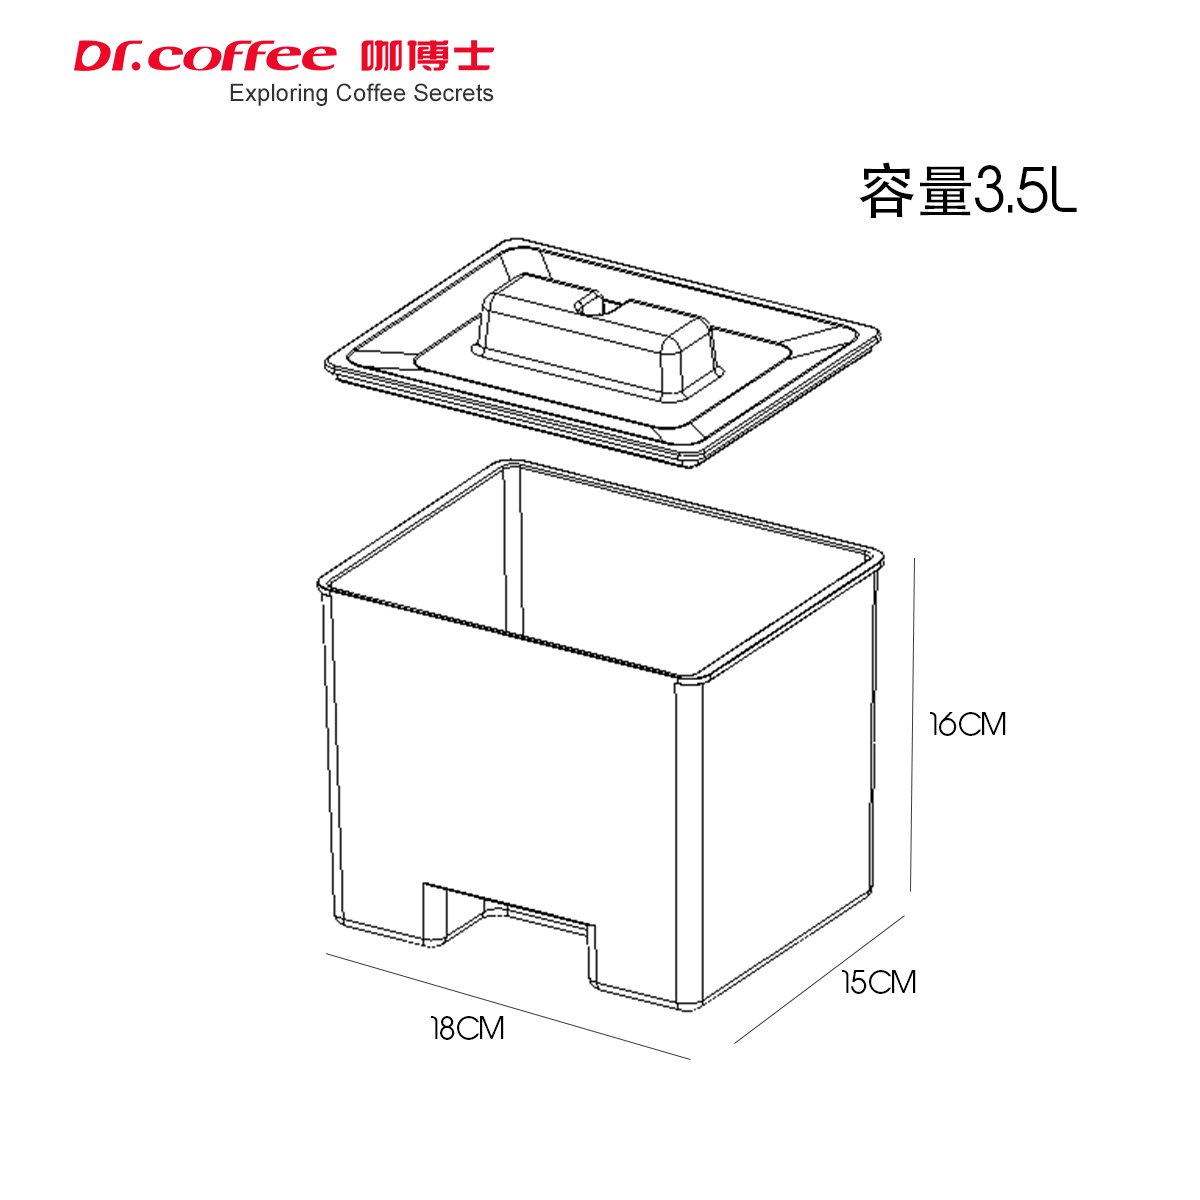 商用咖啡机冰箱专用奶缸奶罐 3.5L 食品级材质 带盖